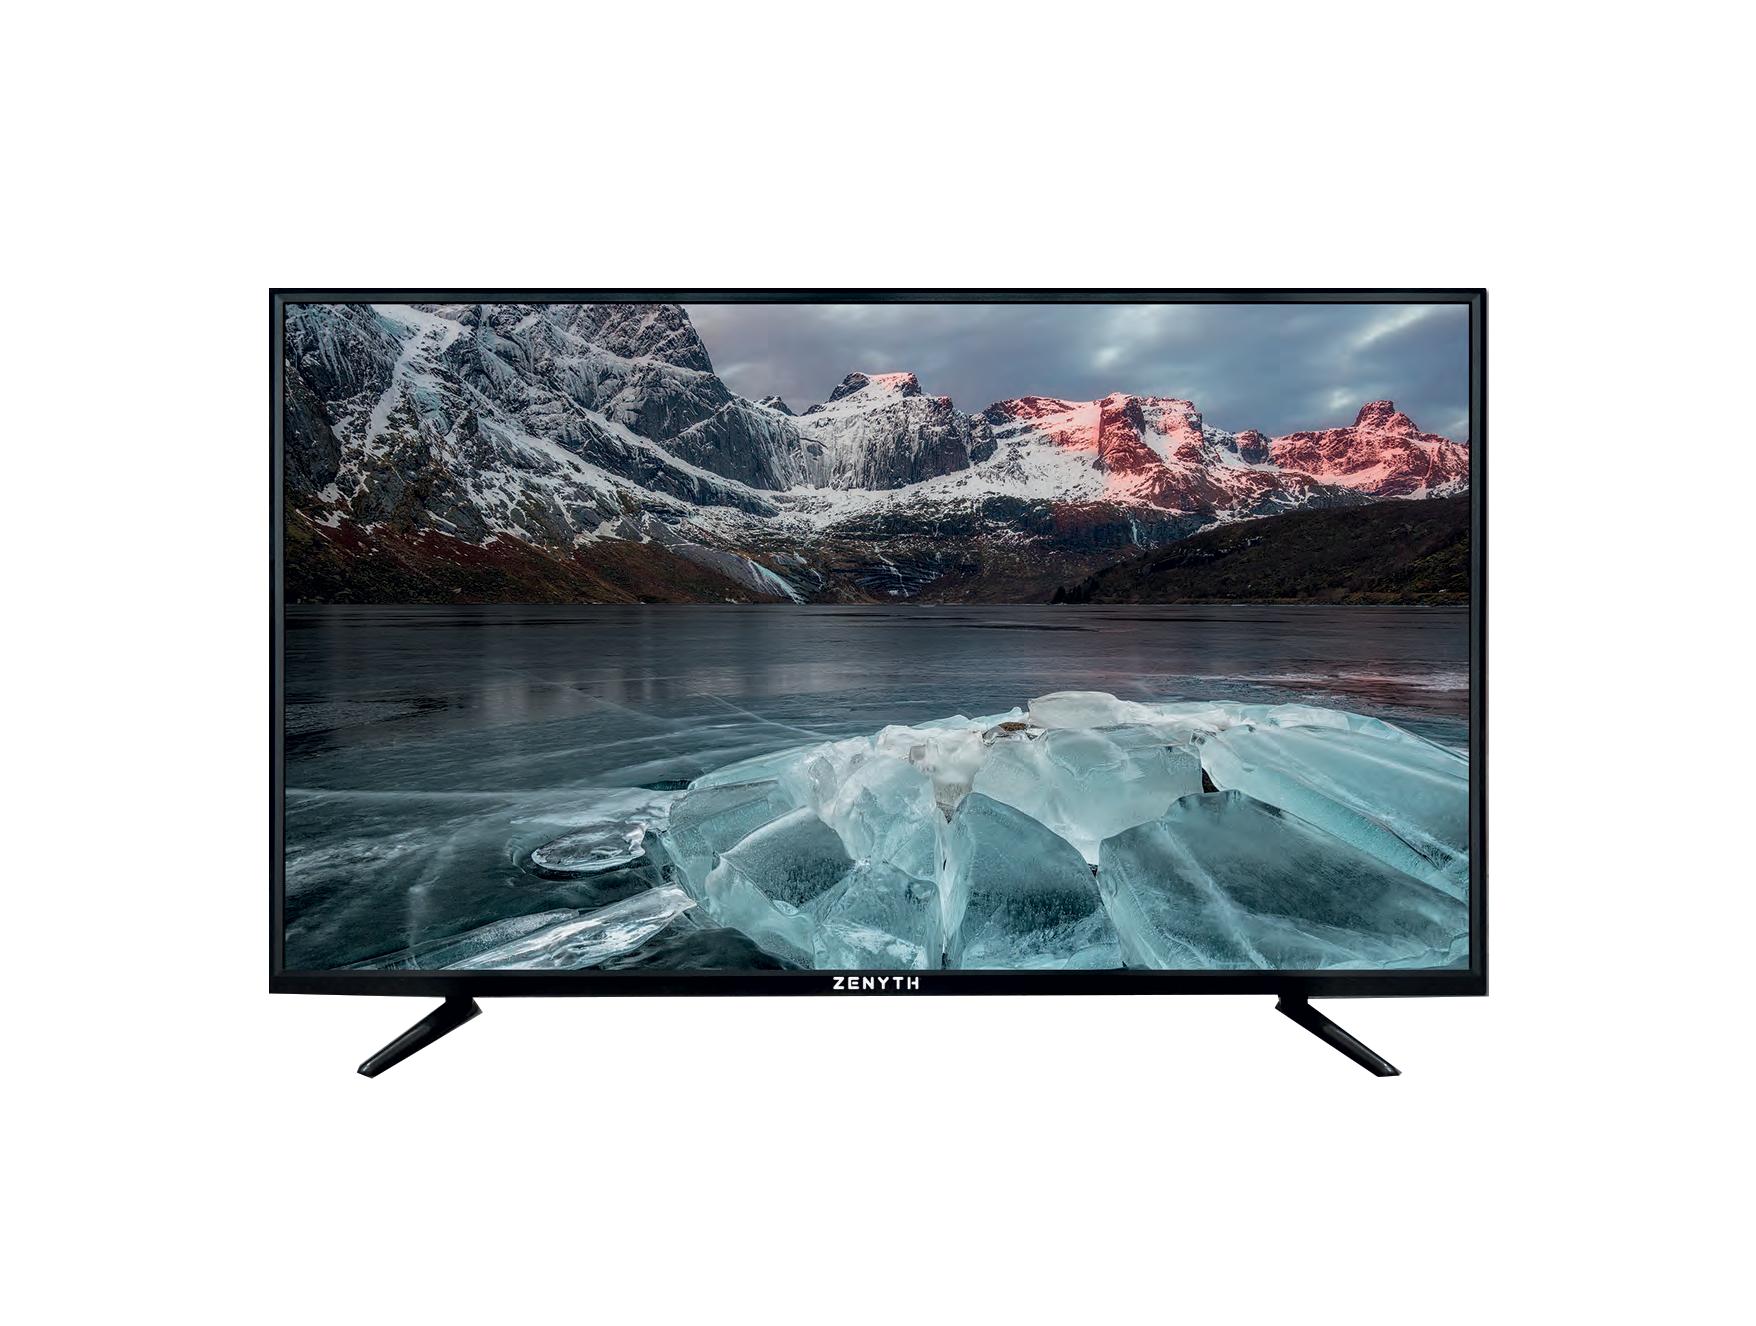 ZENYTH TV LED 43 UHD SMART TV 4K